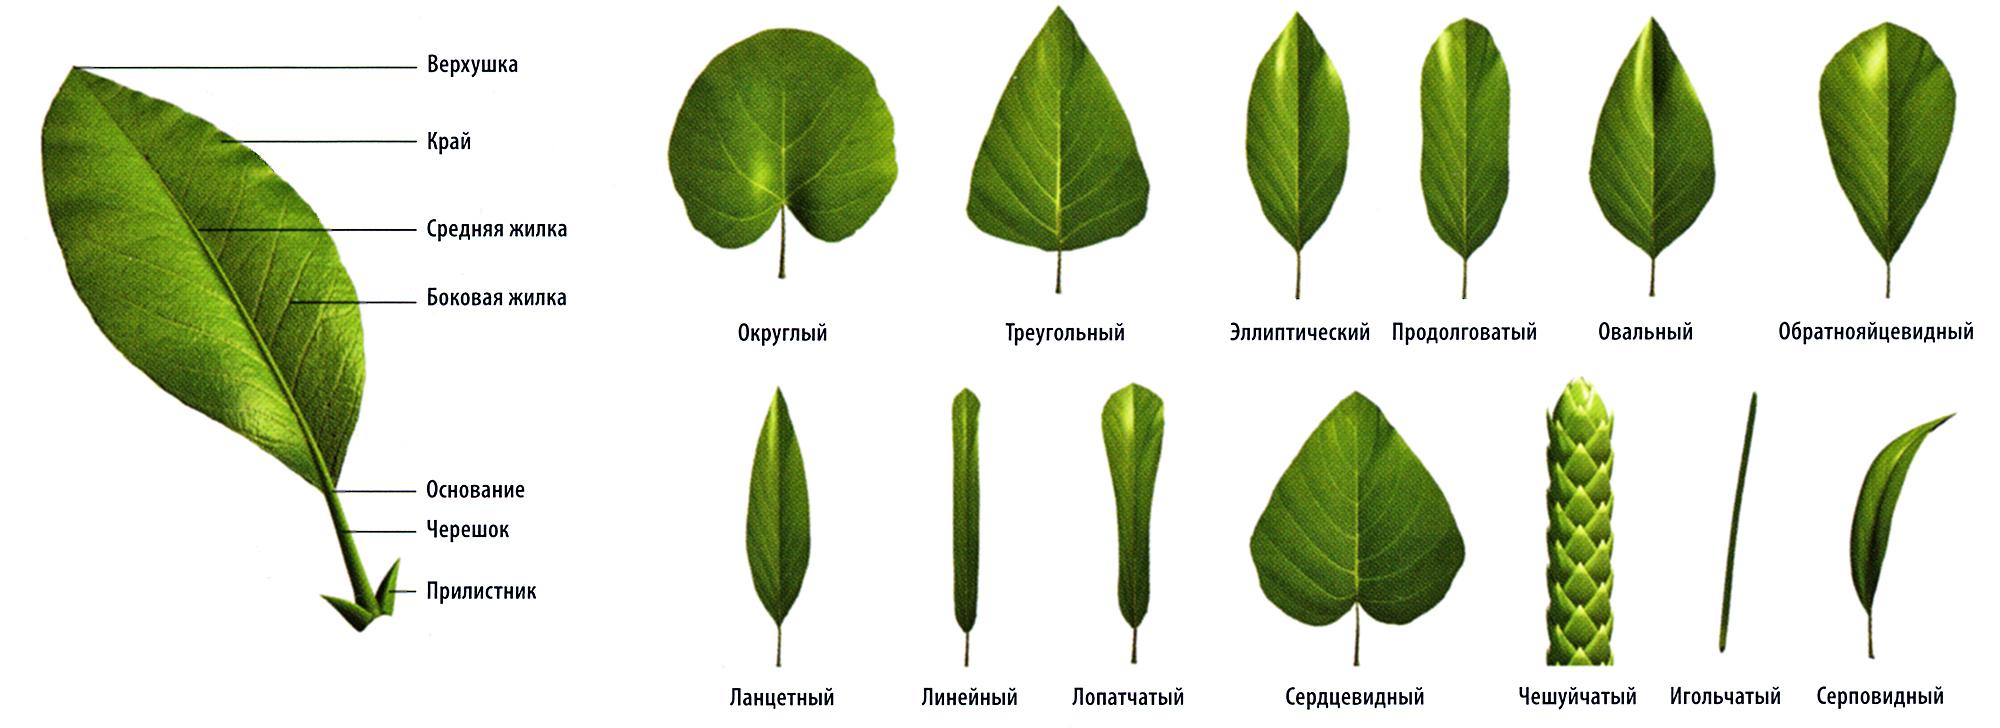 Форма листя дерев фото 21 фотография